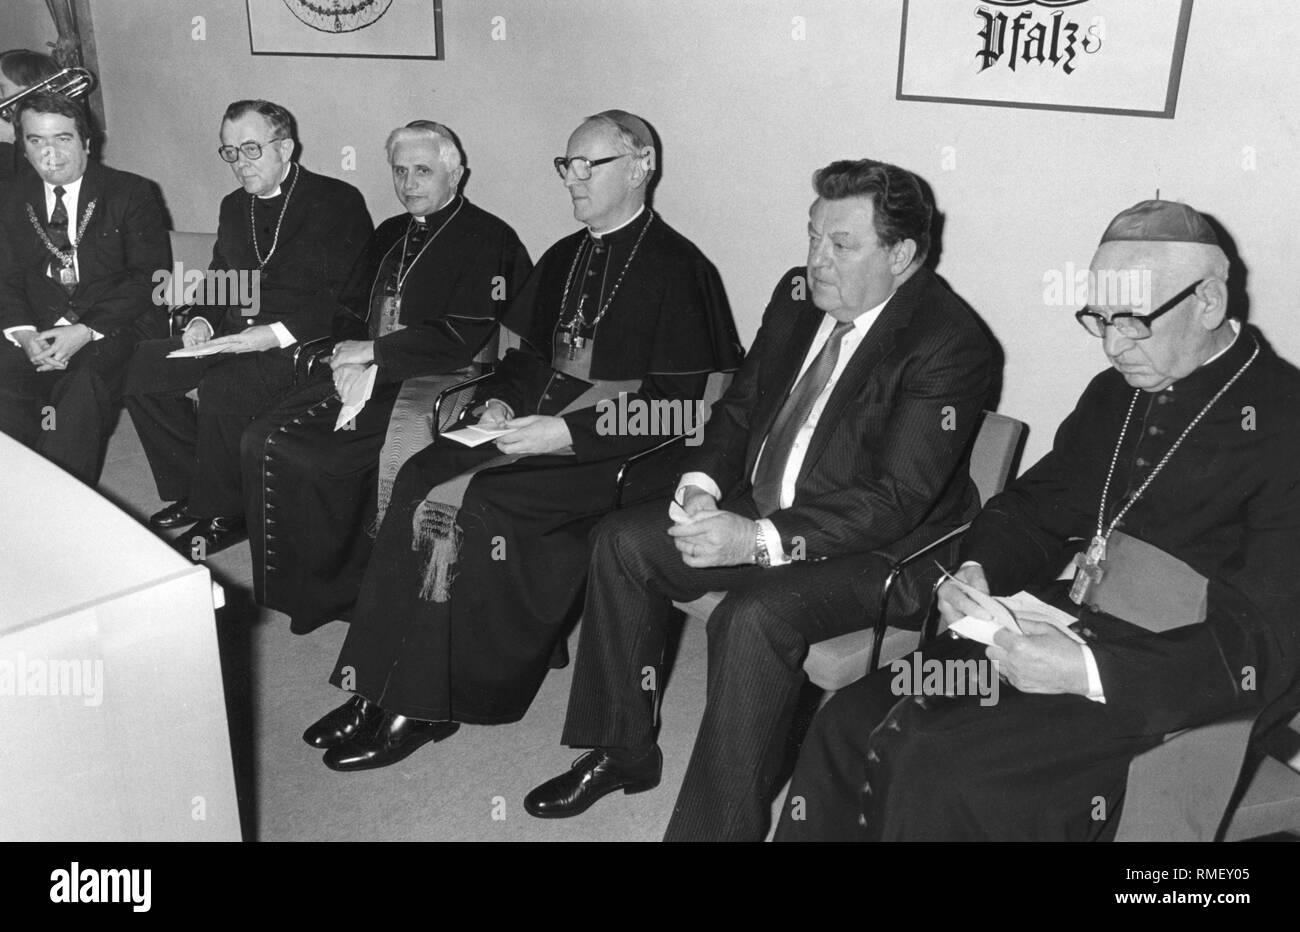 The Archdiocese of Munich-Freising welcomes its new archbishop Friedrich Wetter with a reception in the Kardinal-Wendel-Haus in Munich. Mayor Winfried Zehetmeier, Regional Bishop Johannes Hanselmann, Cardinal Joseph Ratzinger, Archbishop Friedrich Wetter, Minister President Franz Josef Strauss and Suffragan Bishop Ernst Tewes. - Stock Image